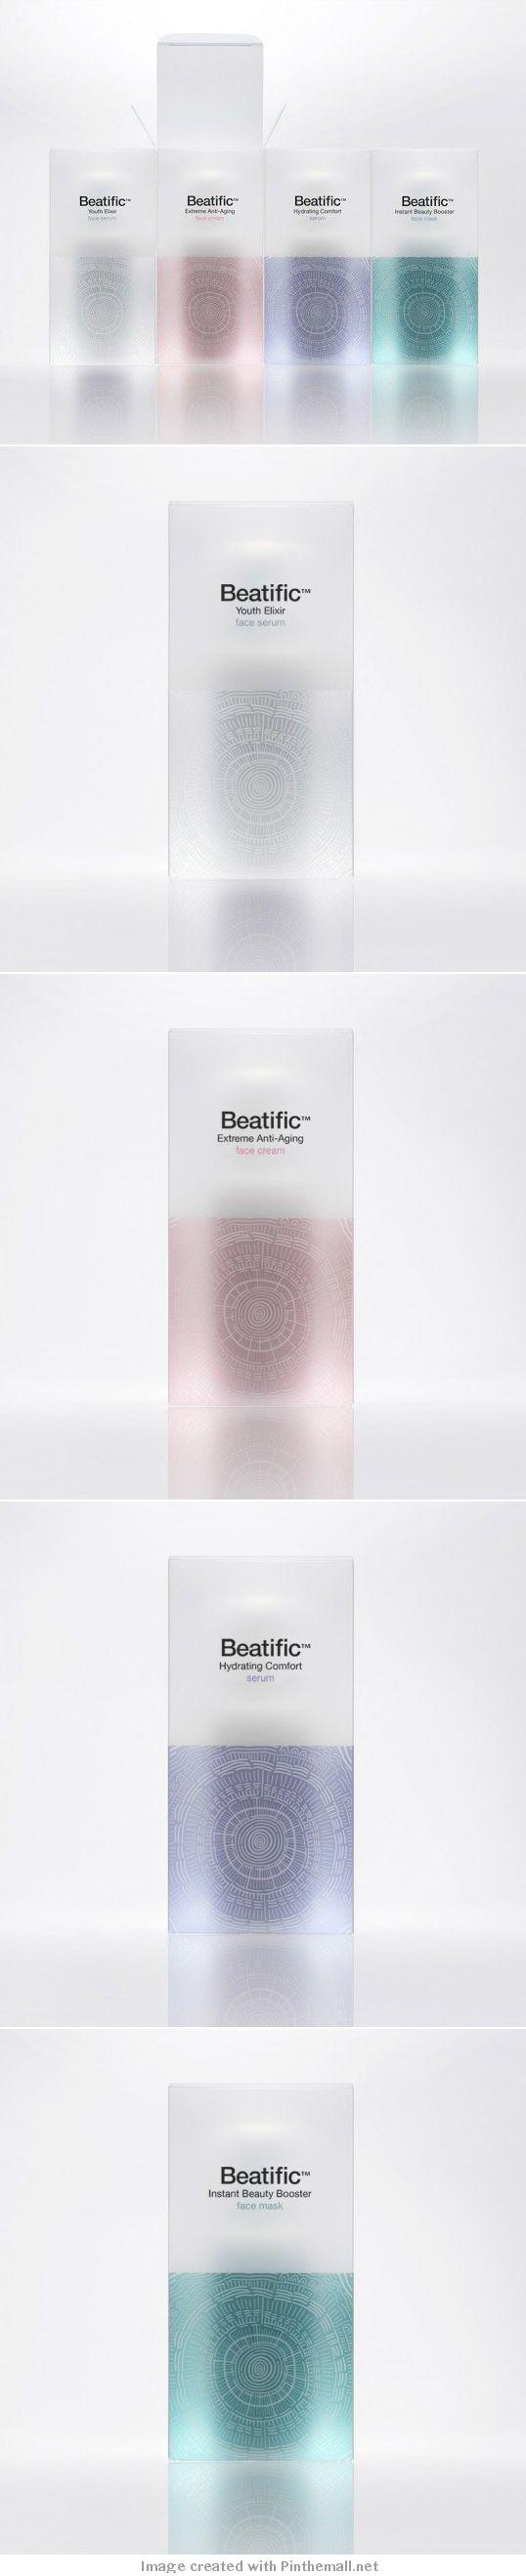 Beatific この透け感は、相当調整しただろうなぁ。 上質さがうまく出ている。